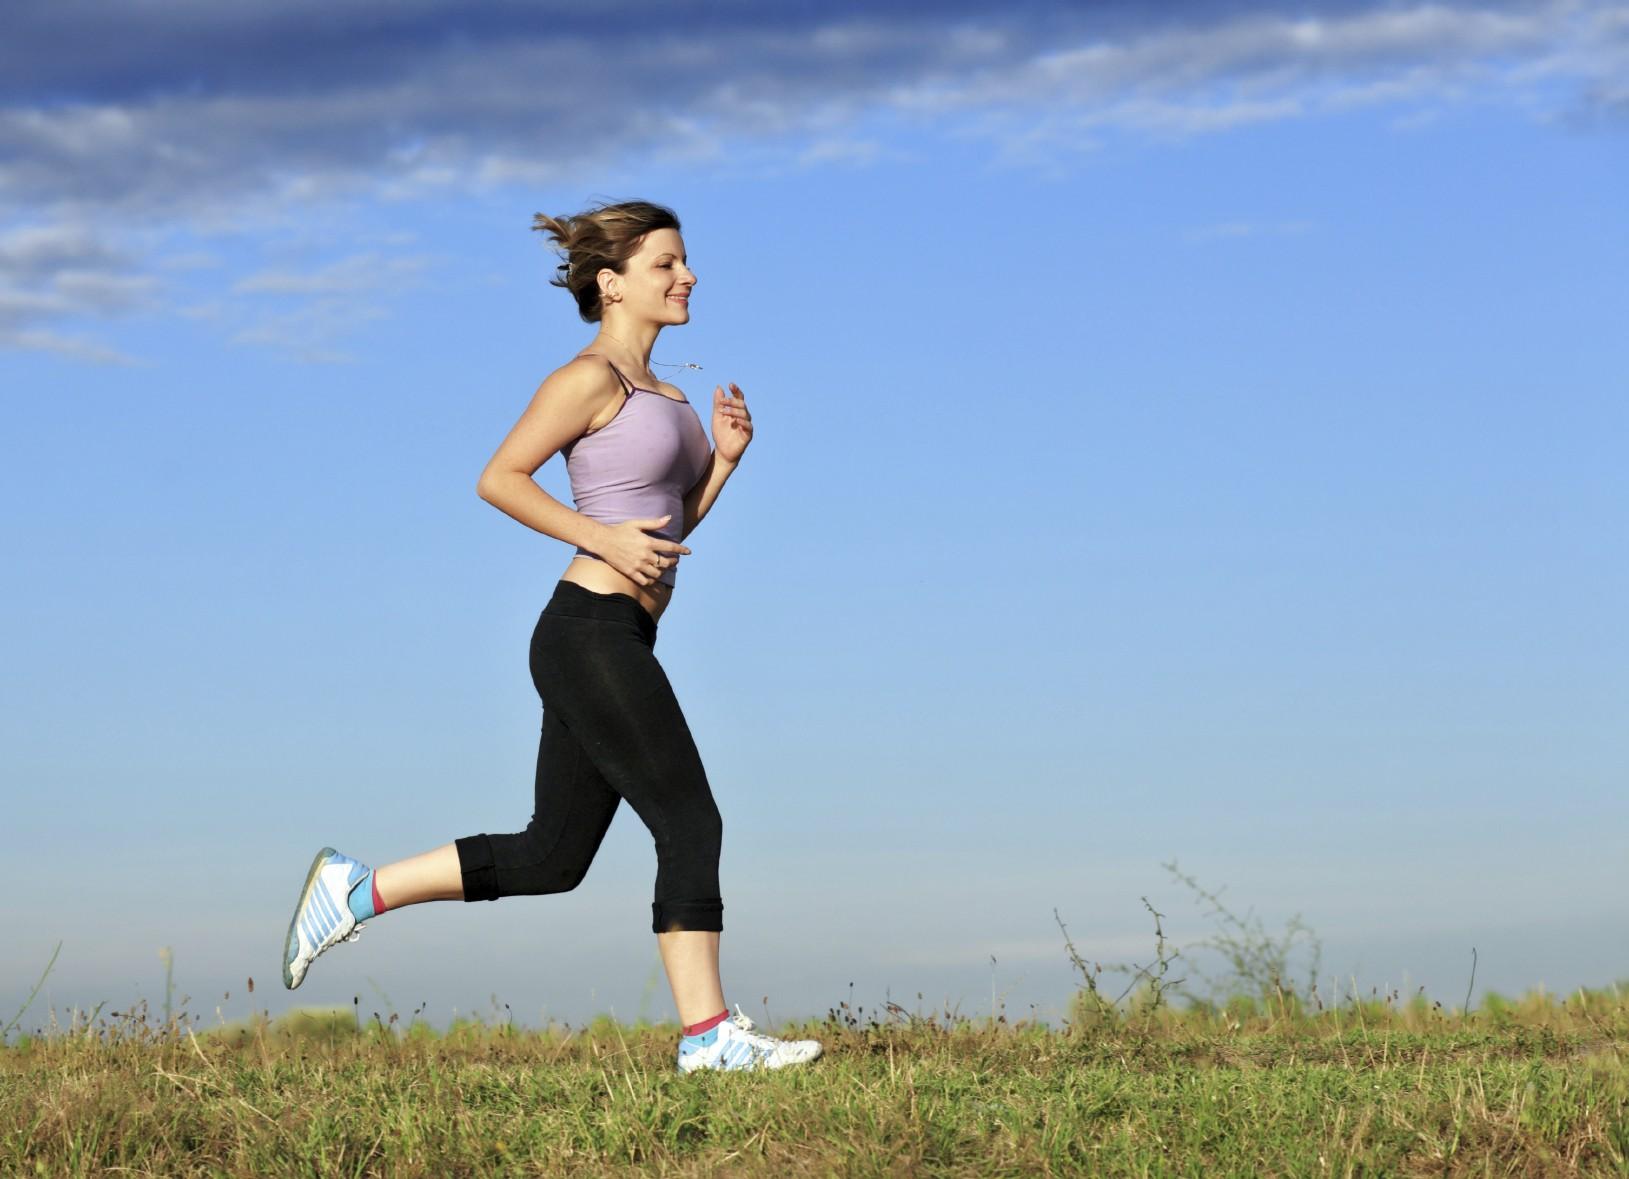 ha az ember magas vérnyomásban szenved lehetséges e sportolni